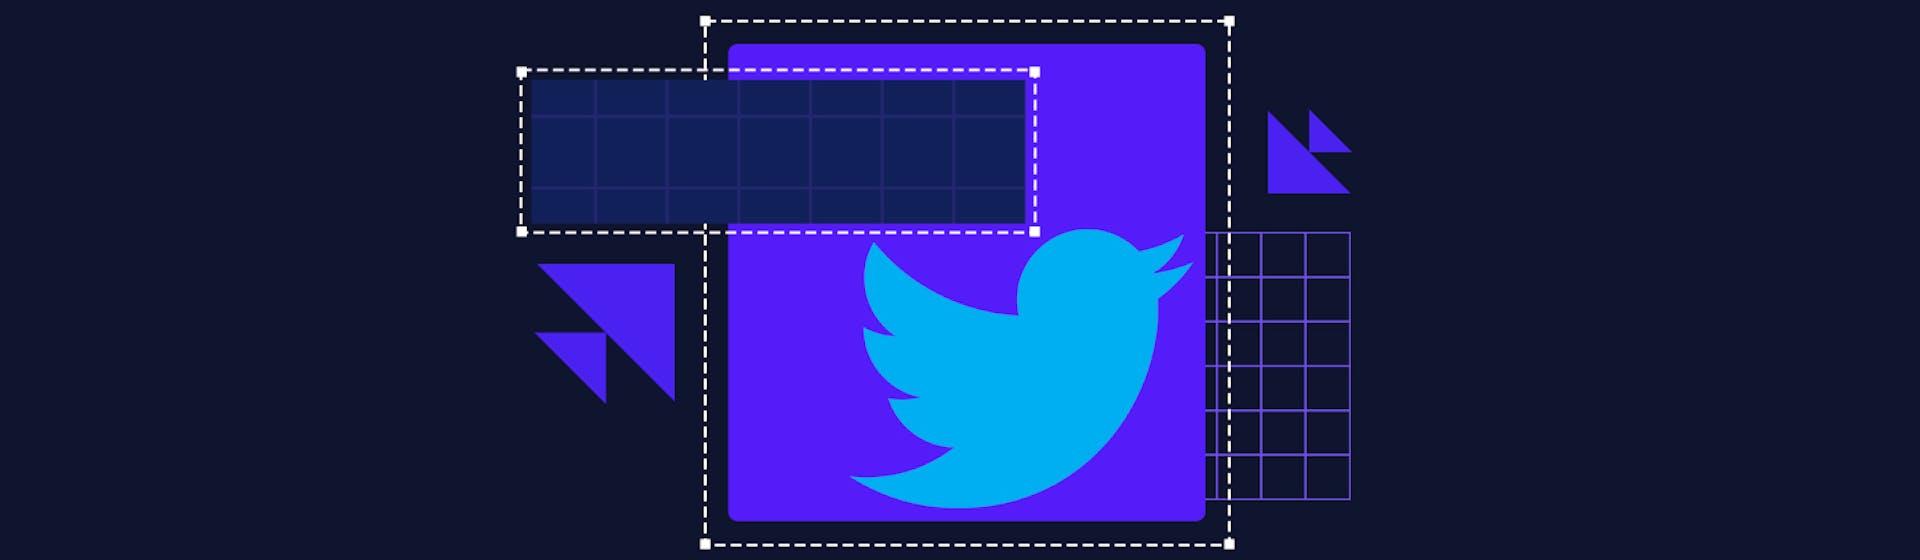 Descubre el tamaño de las imágenes de Twitter y maximiza el potencial de tus contenidos